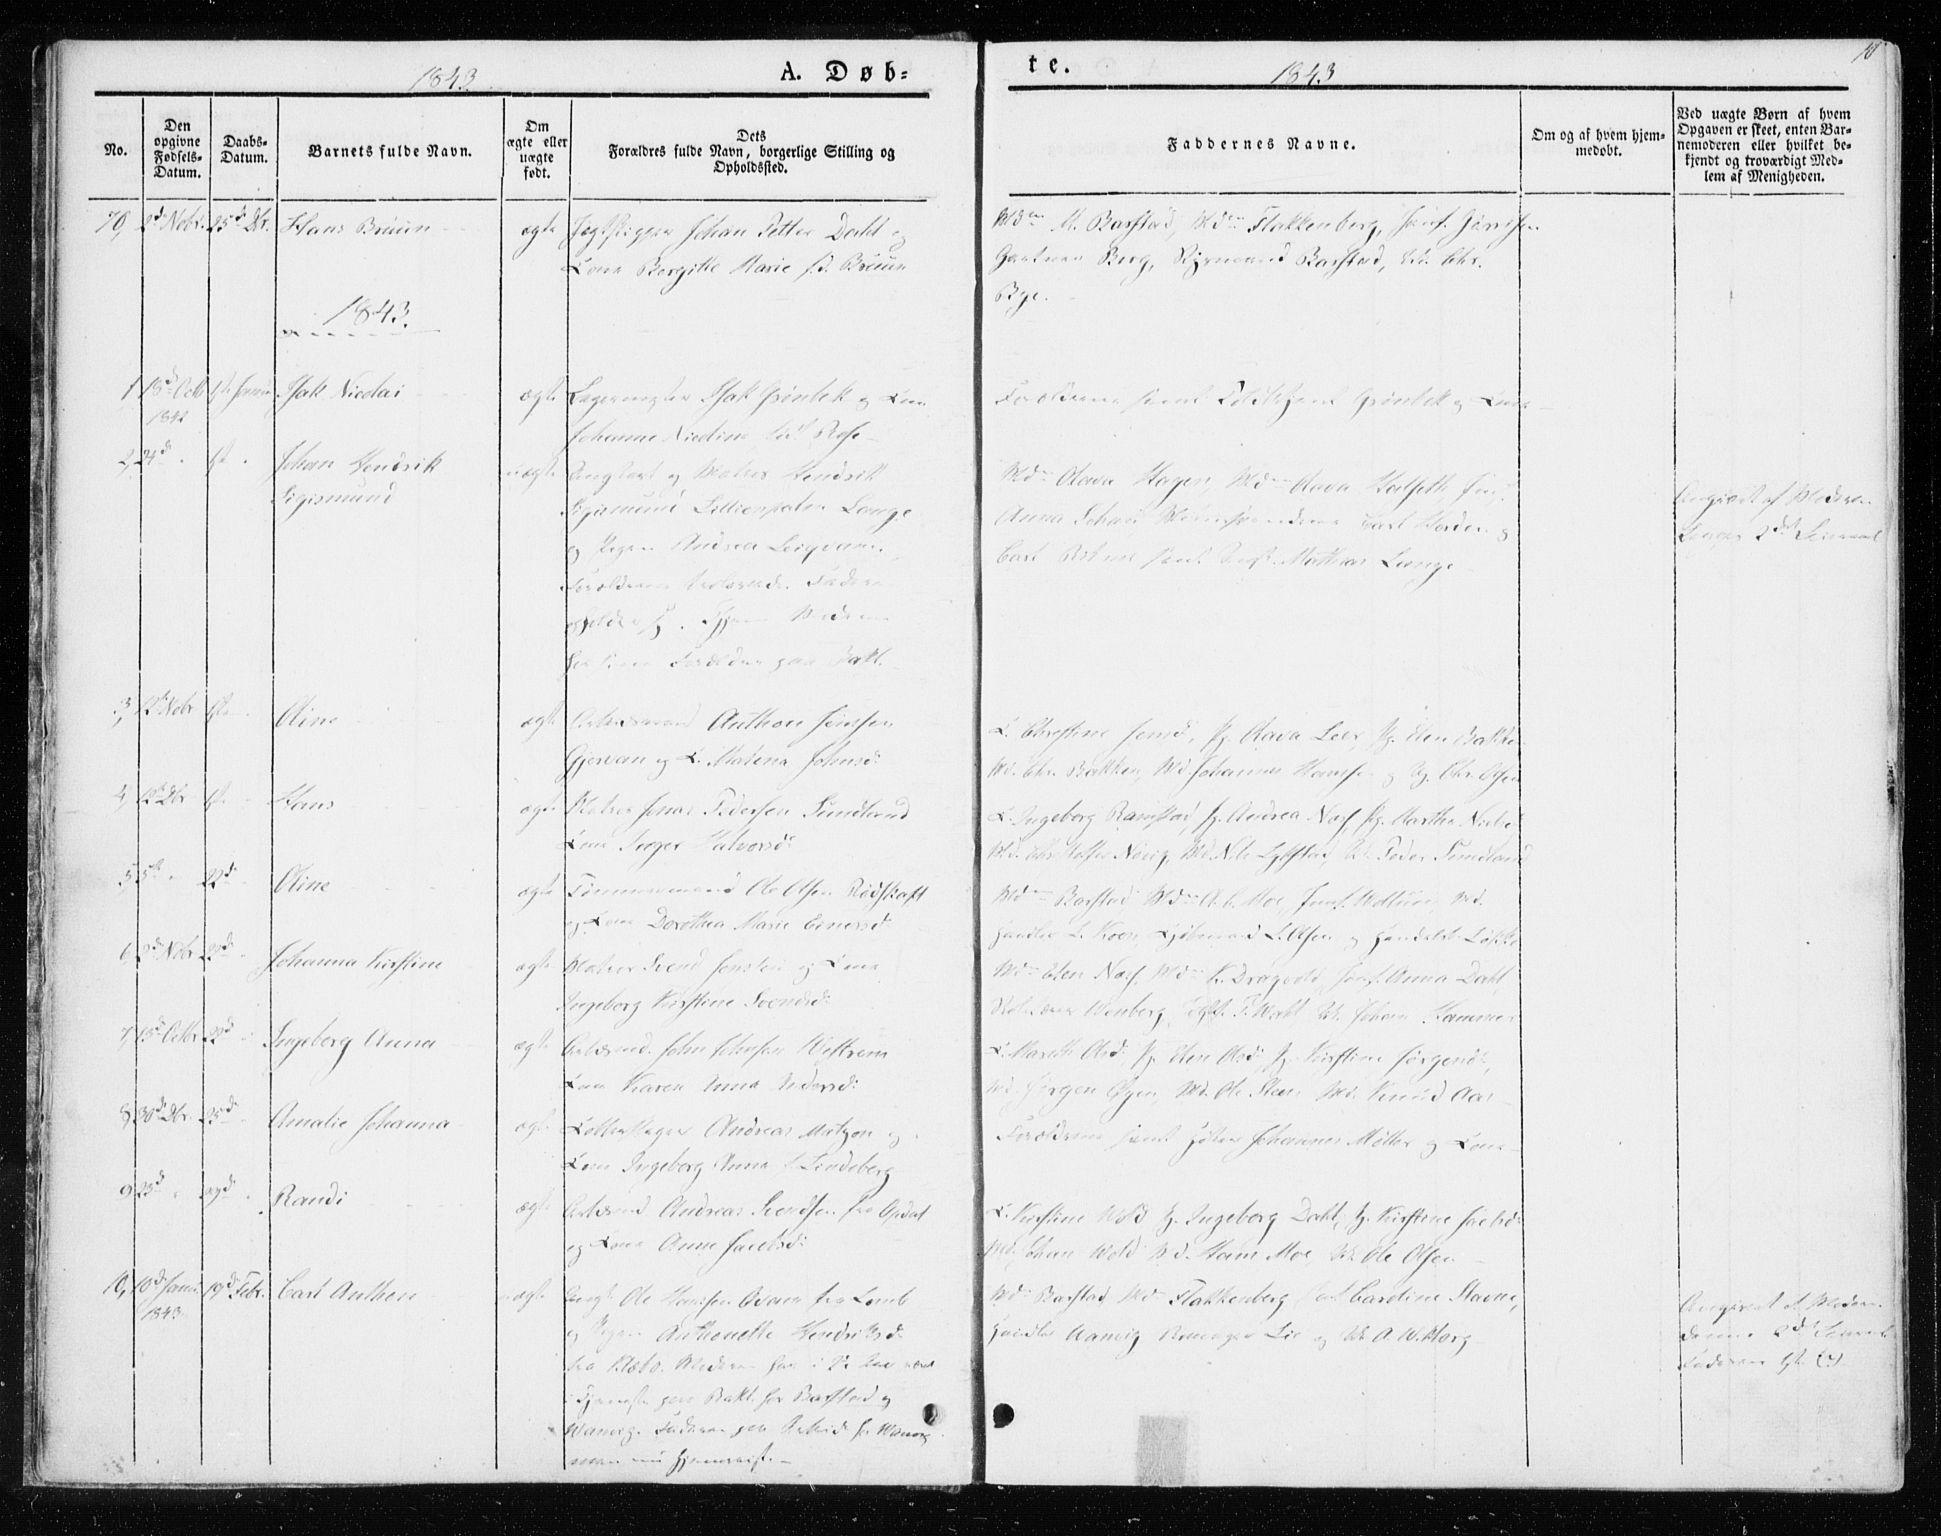 SAT, Ministerialprotokoller, klokkerbøker og fødselsregistre - Sør-Trøndelag, 604/L0183: Ministerialbok nr. 604A04, 1841-1850, s. 10